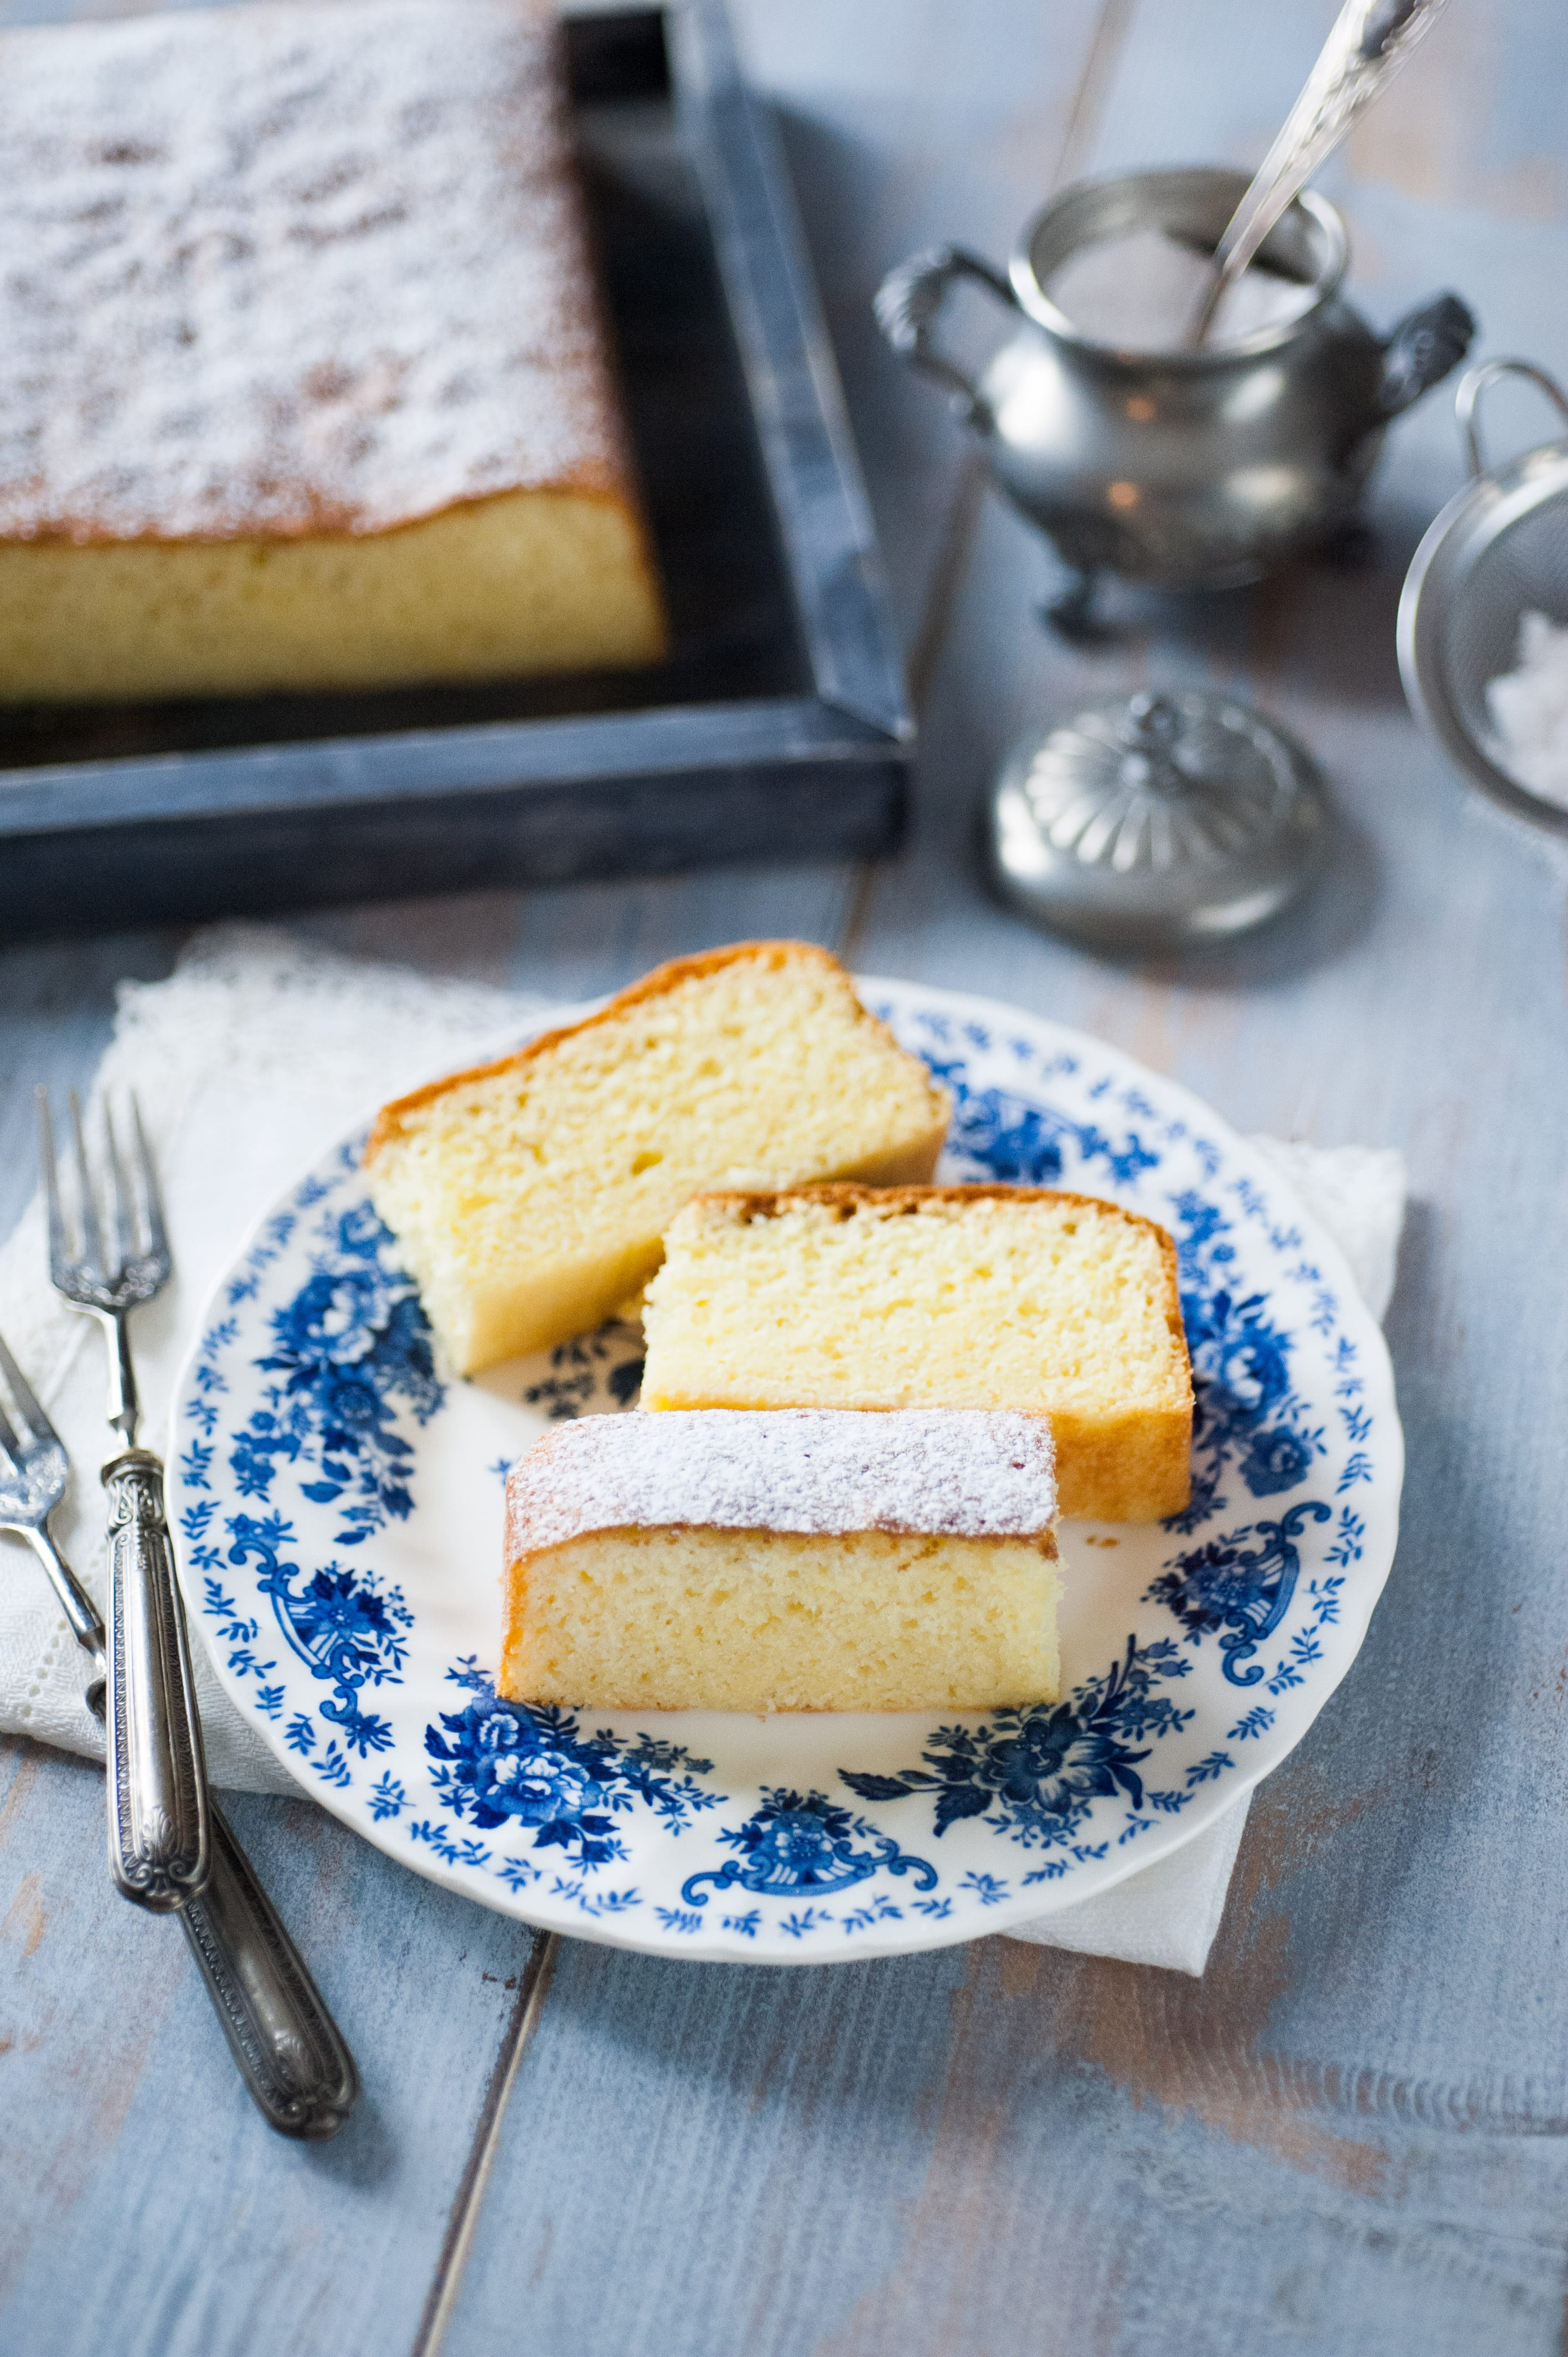 torta al latte caldo soffice e morbida con limone semplice e facile da ricoprire con zucchero a velo